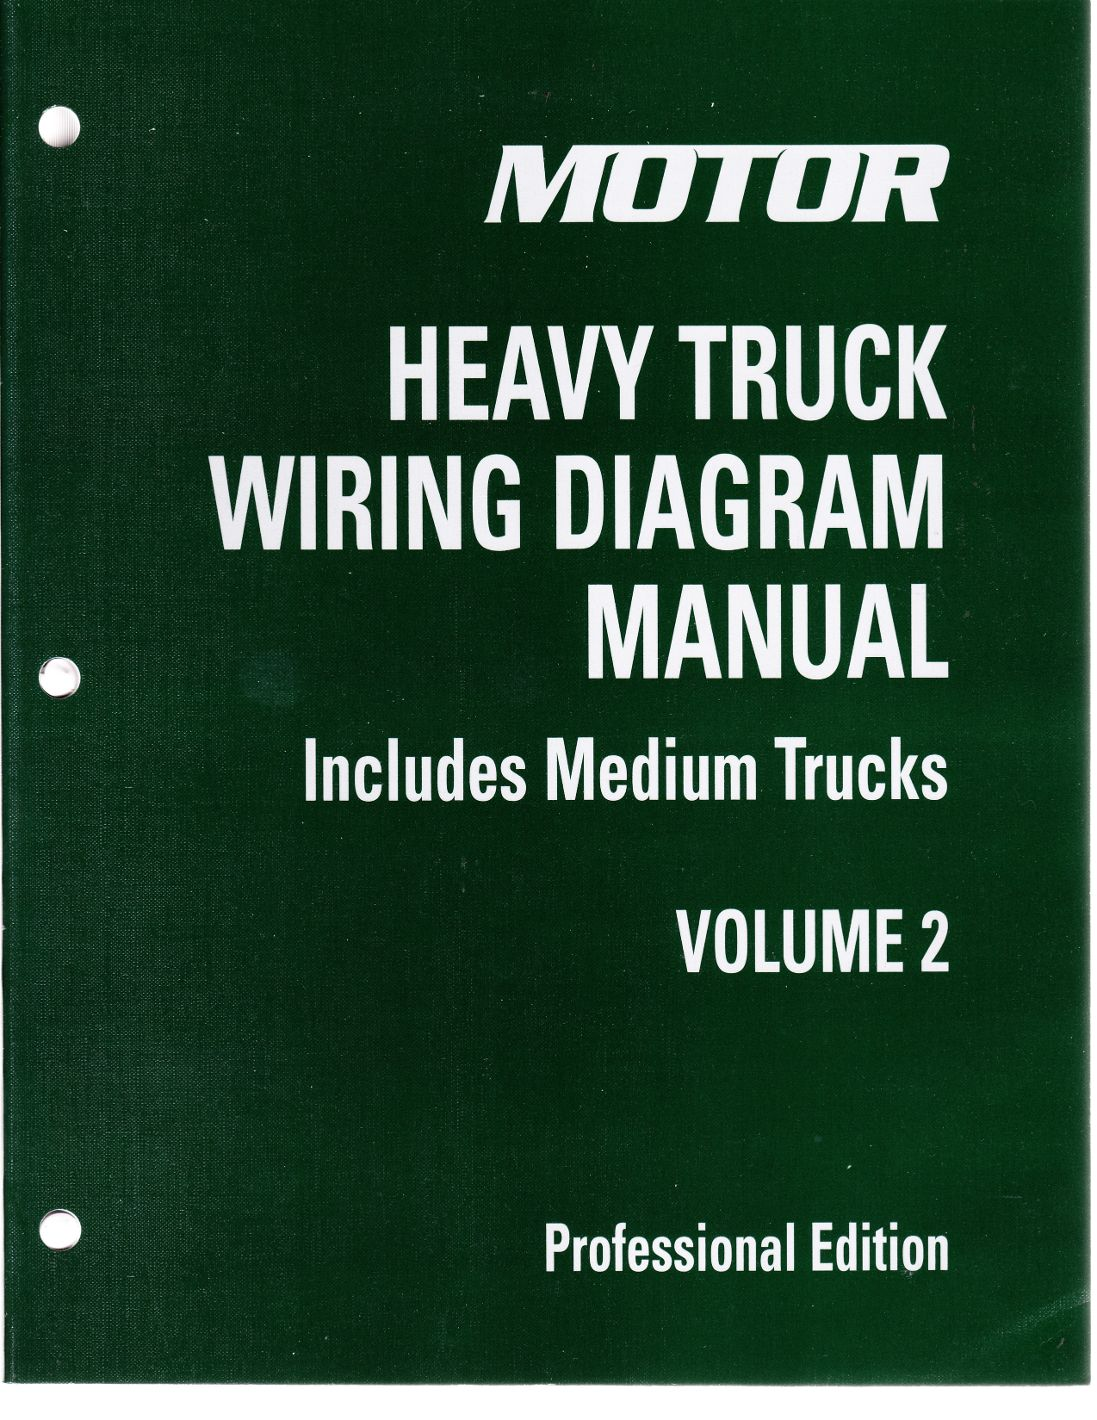 hight resolution of 2009 2013 motor medium heavy truck wiring diagram manual 4th edition vol